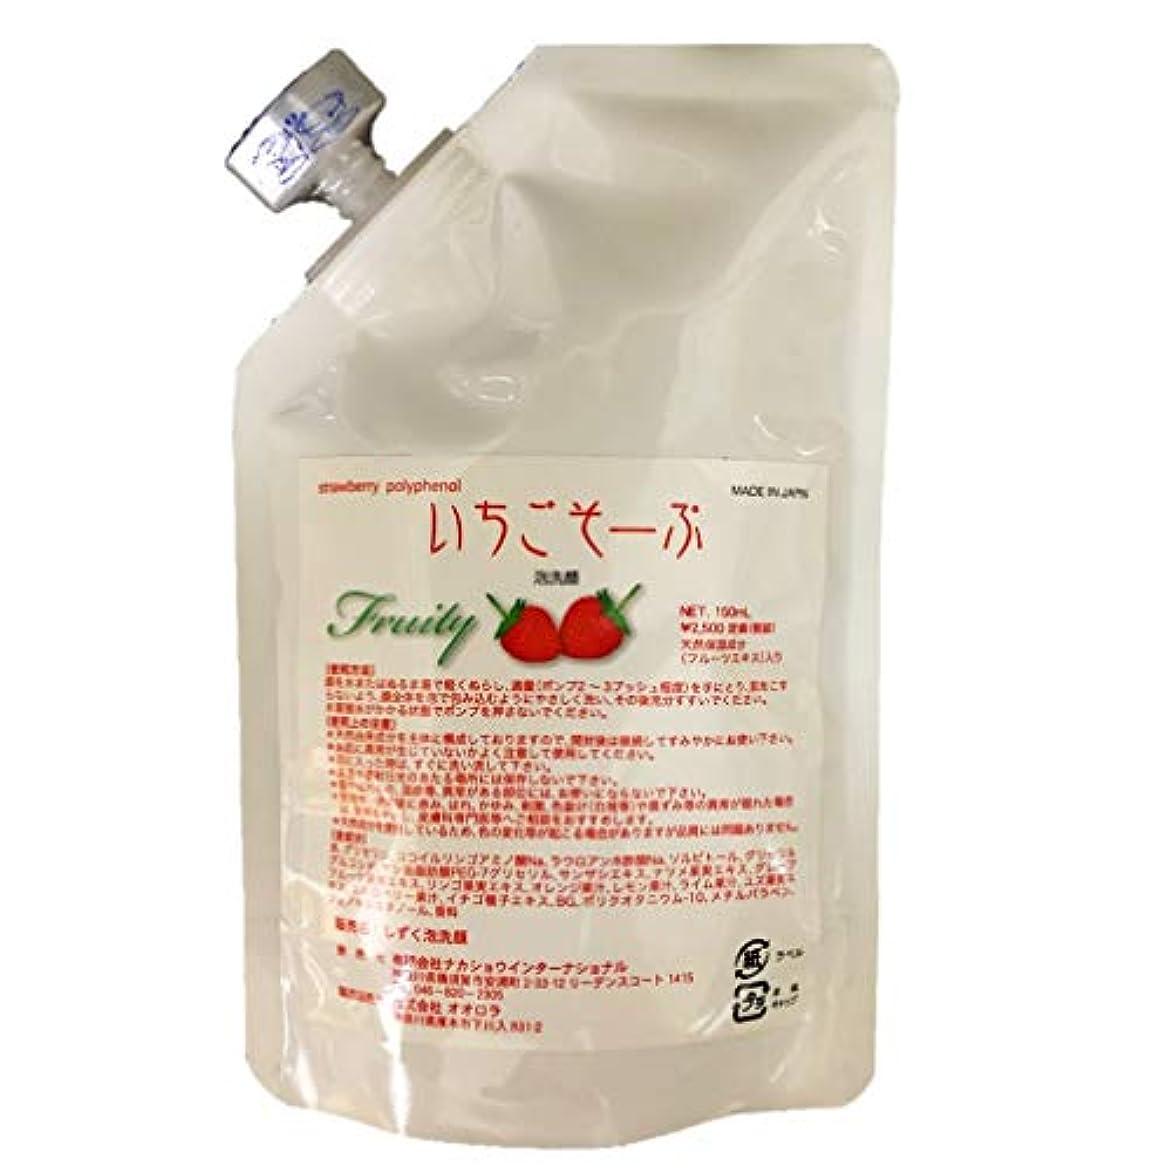 脈拍硬さ強調いちごそーぷ 泡洗顔料 150mL詰替えパウチ 超保湿を優しいフルーツで